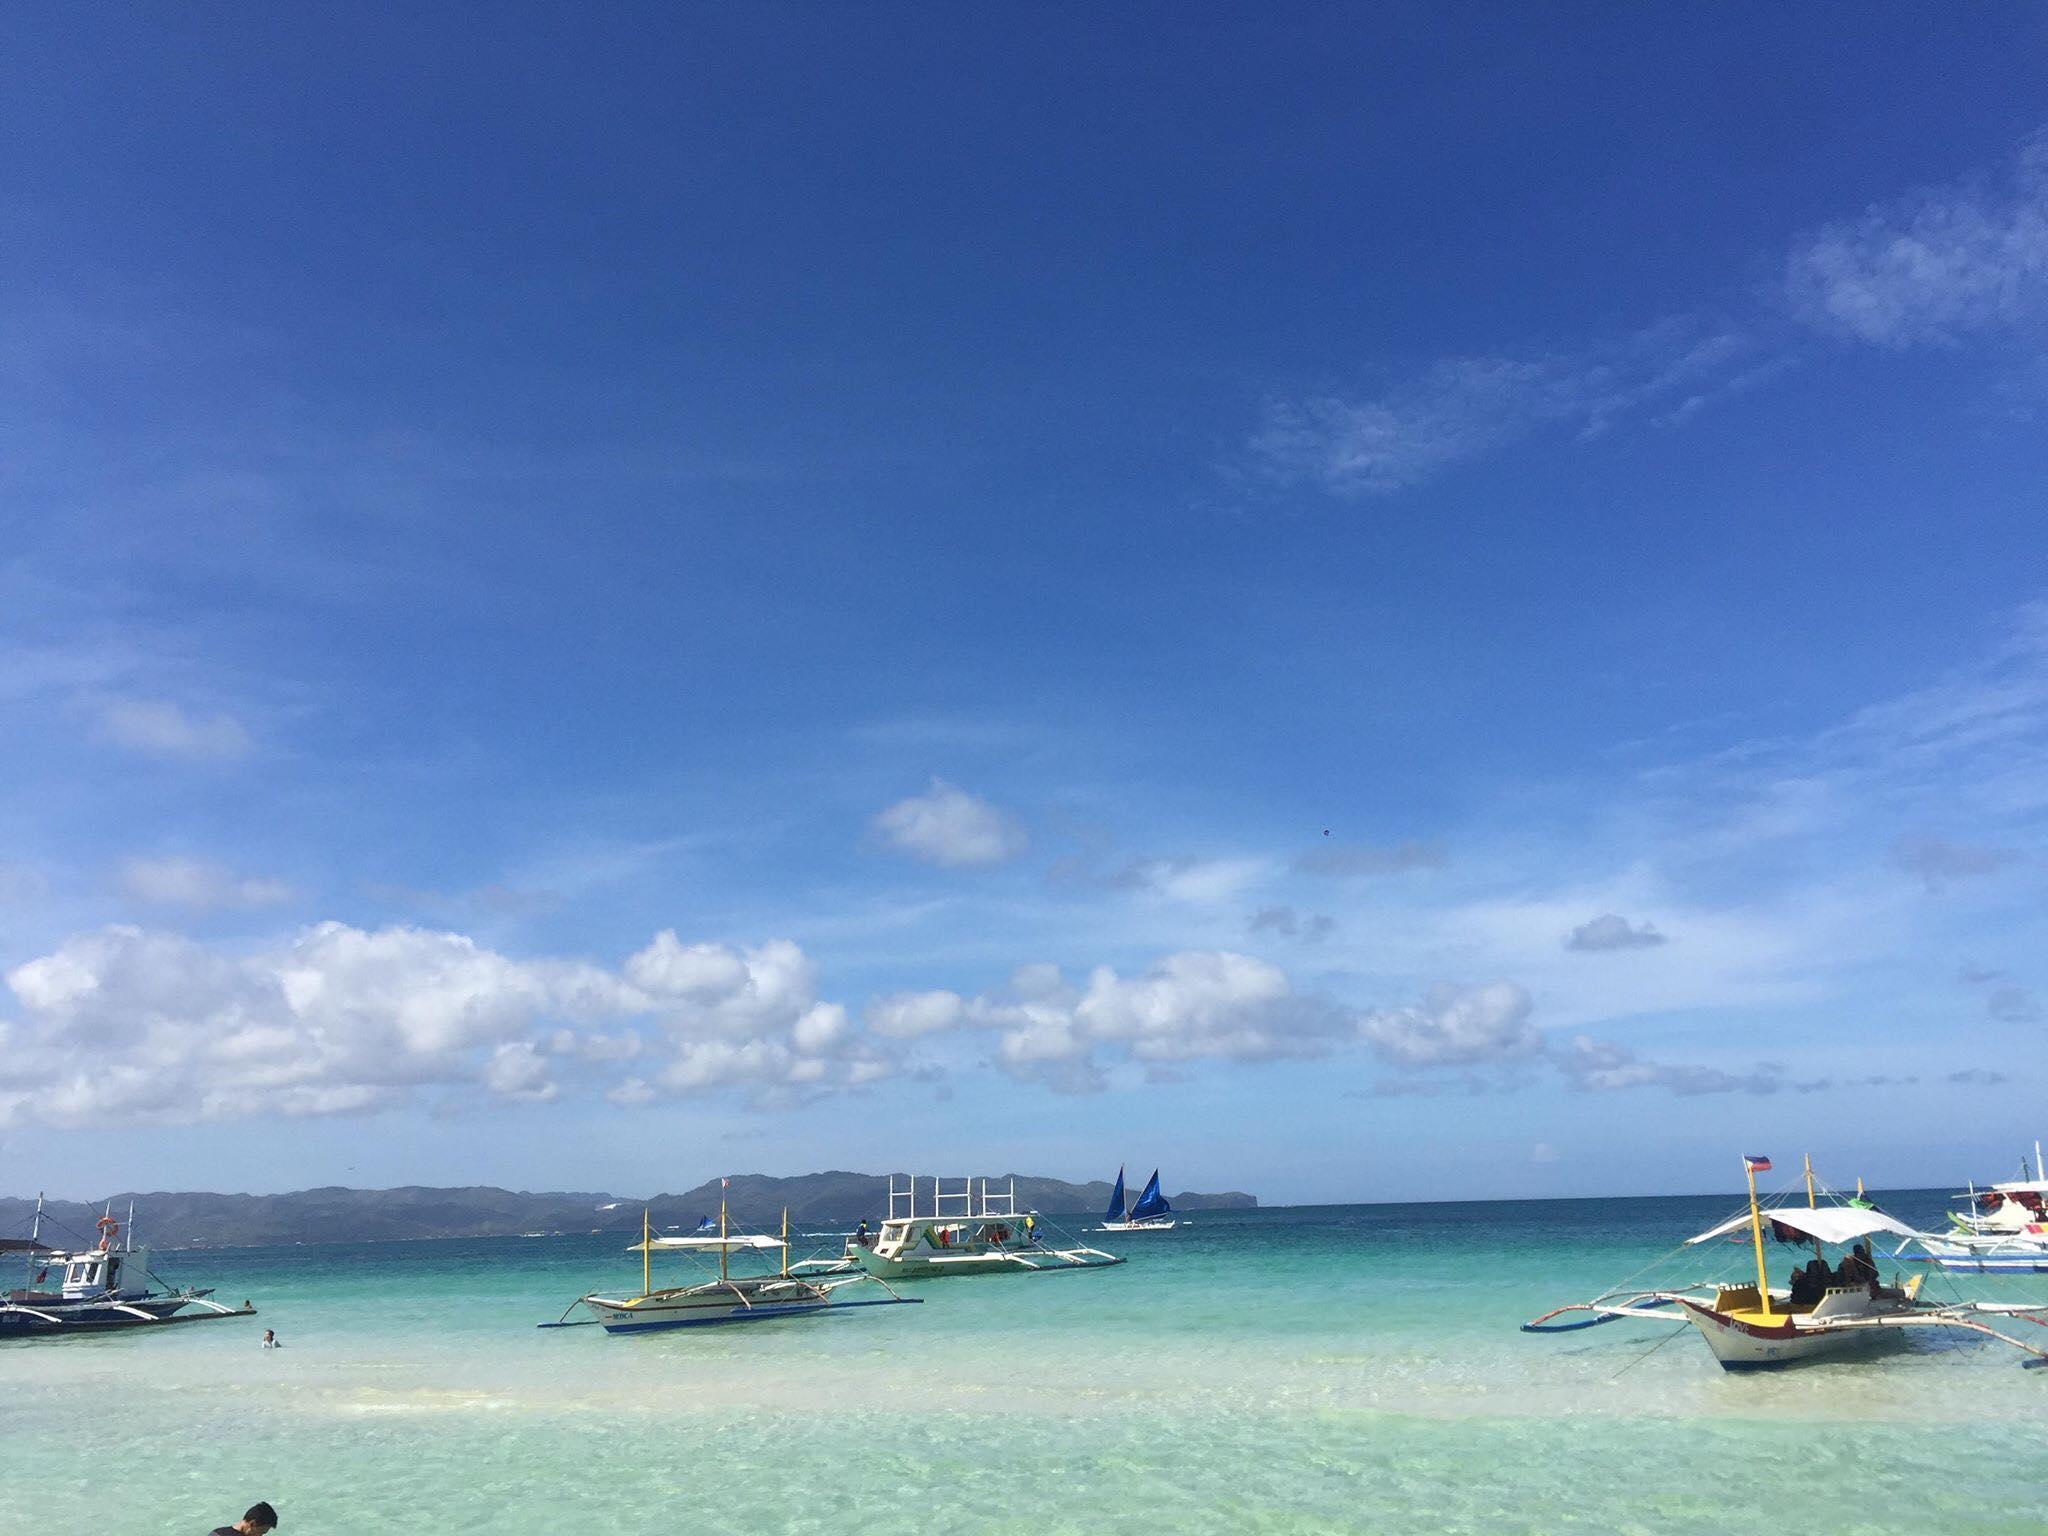 Từ bãi biển ngập ngụa rác, Boracay đã khiến nhiều người kinh ngạc vì sự thay đổi này Ảnh 6